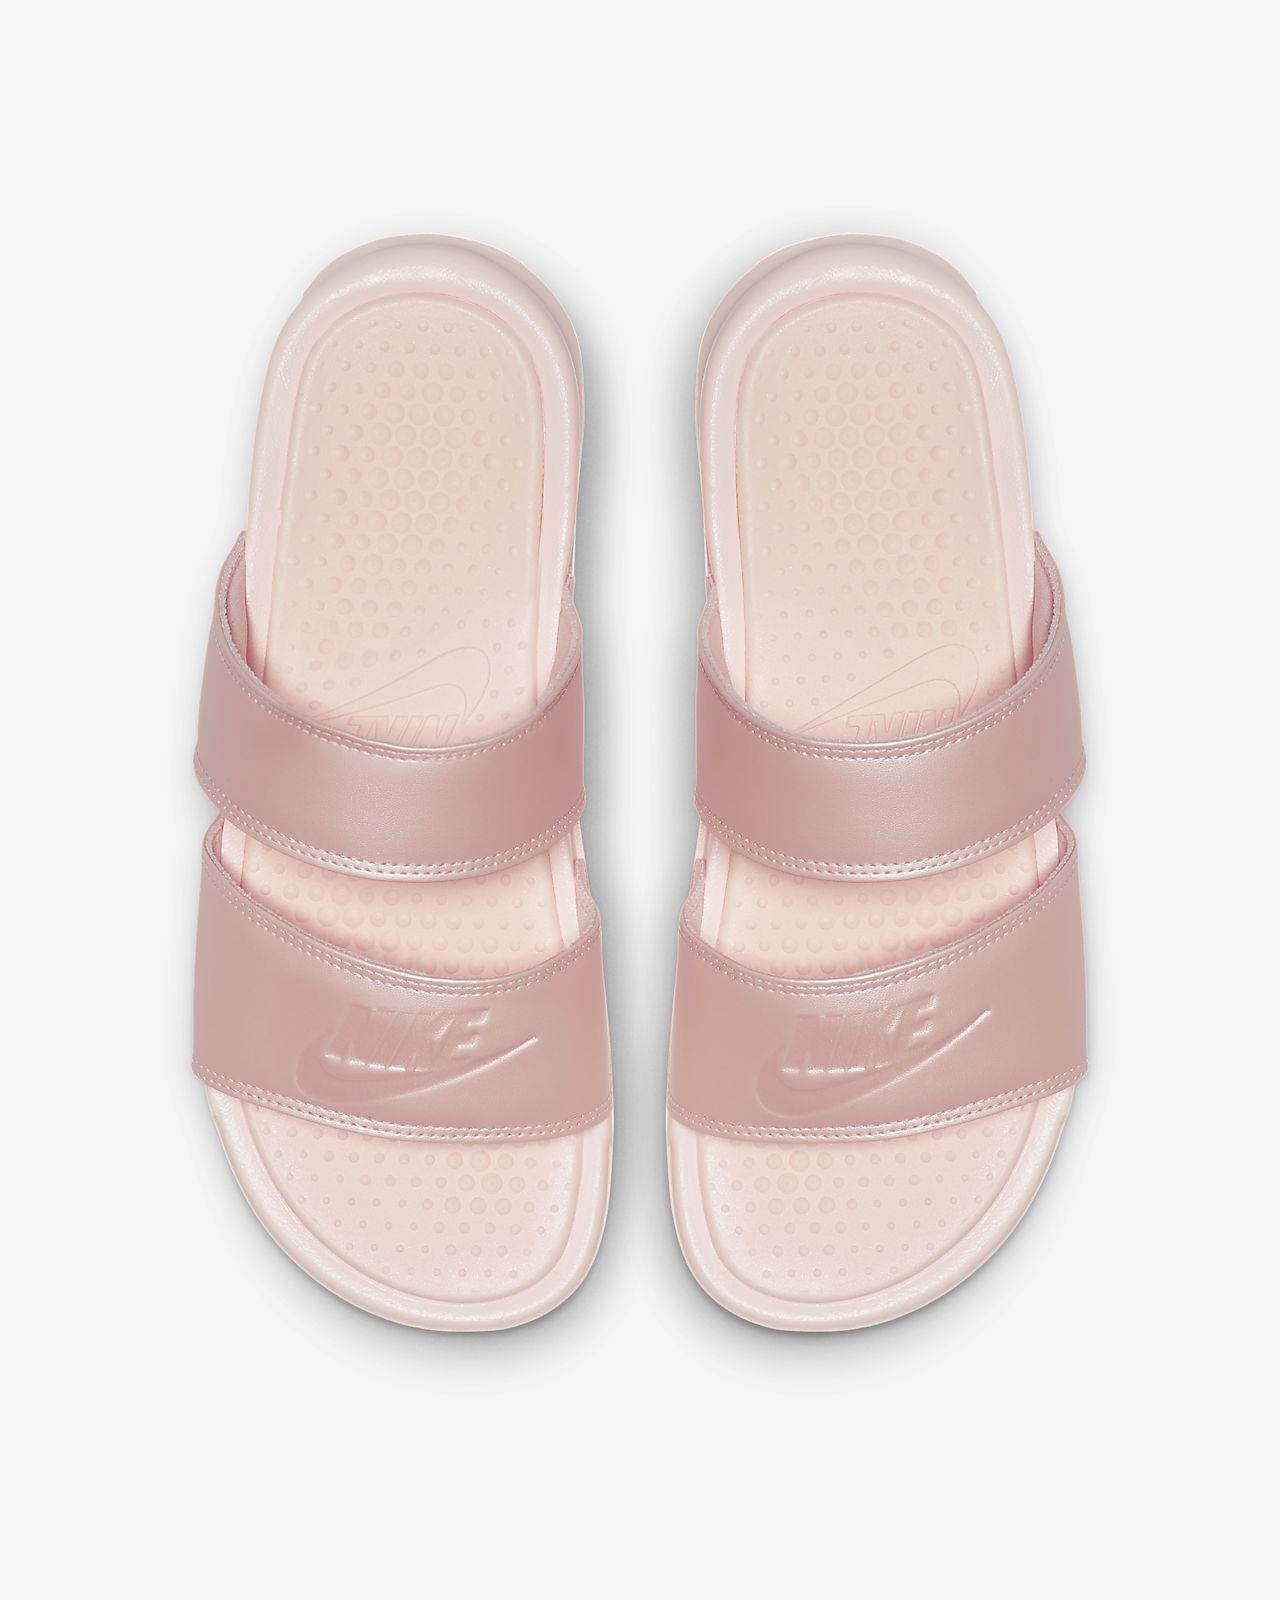 Chancla para mujer Nike Benassi Duo Ultra